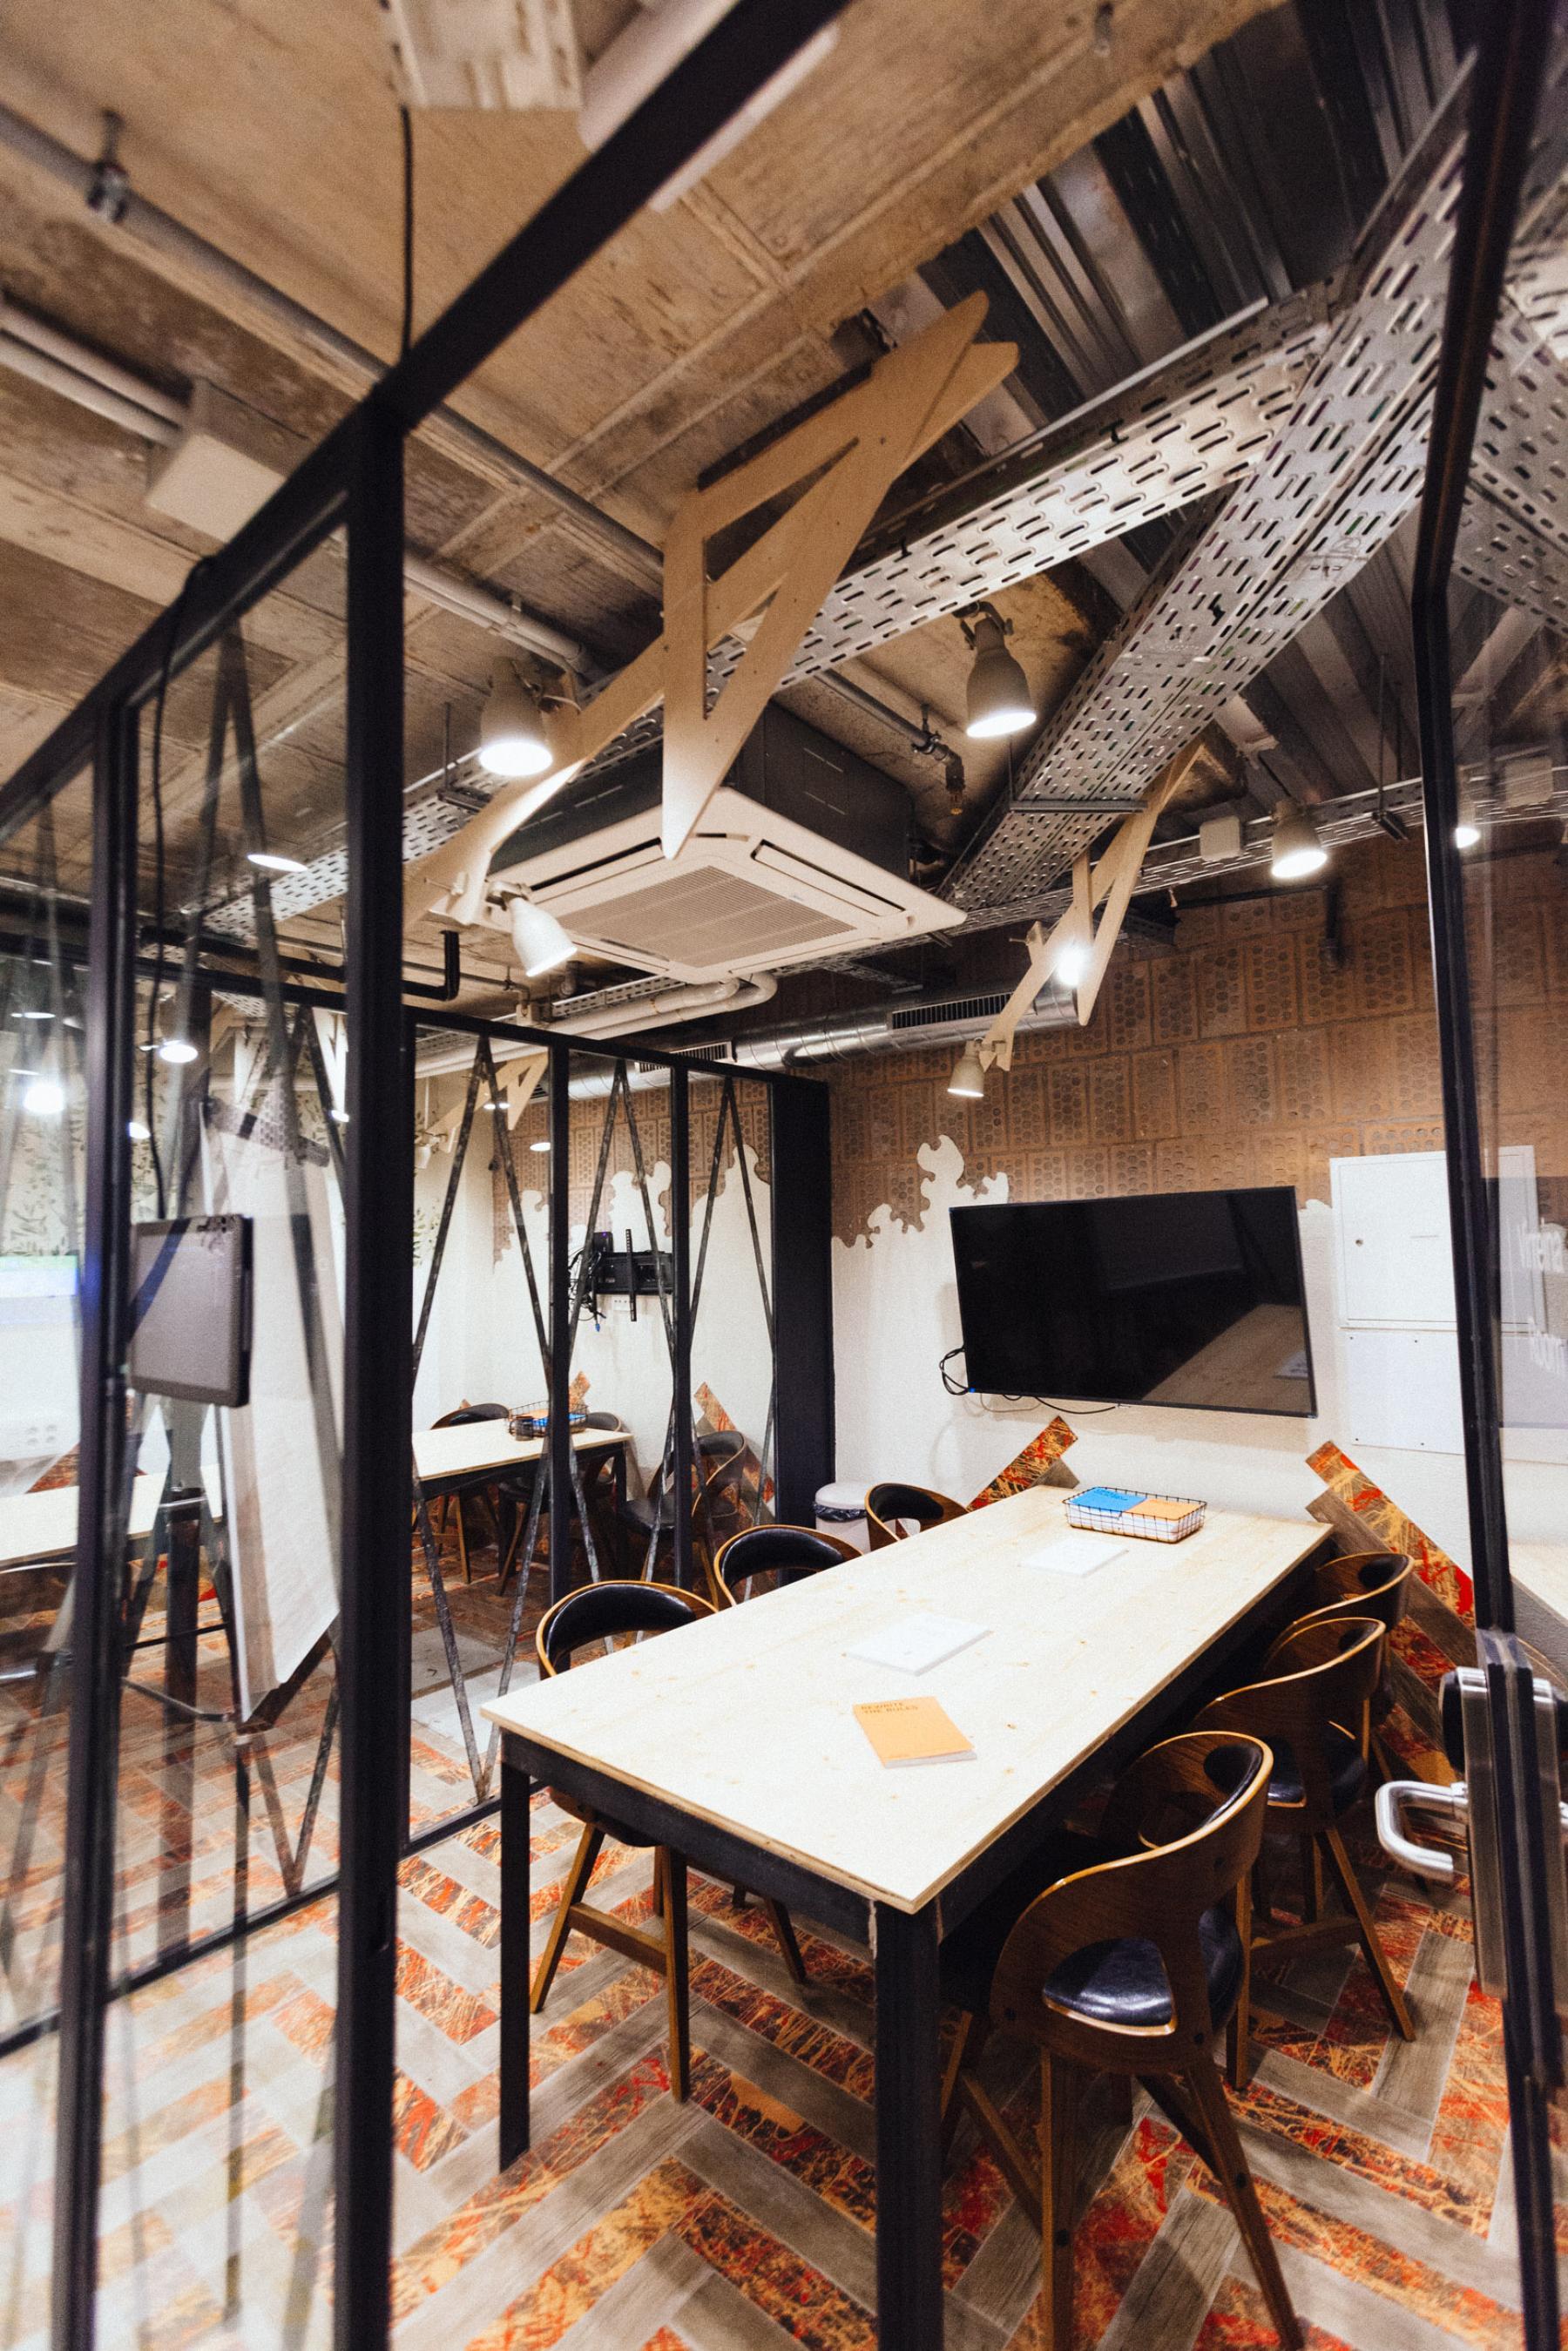 Alquilar oficinas Calle Bretón de los Herreros 9, Barcelona (14)